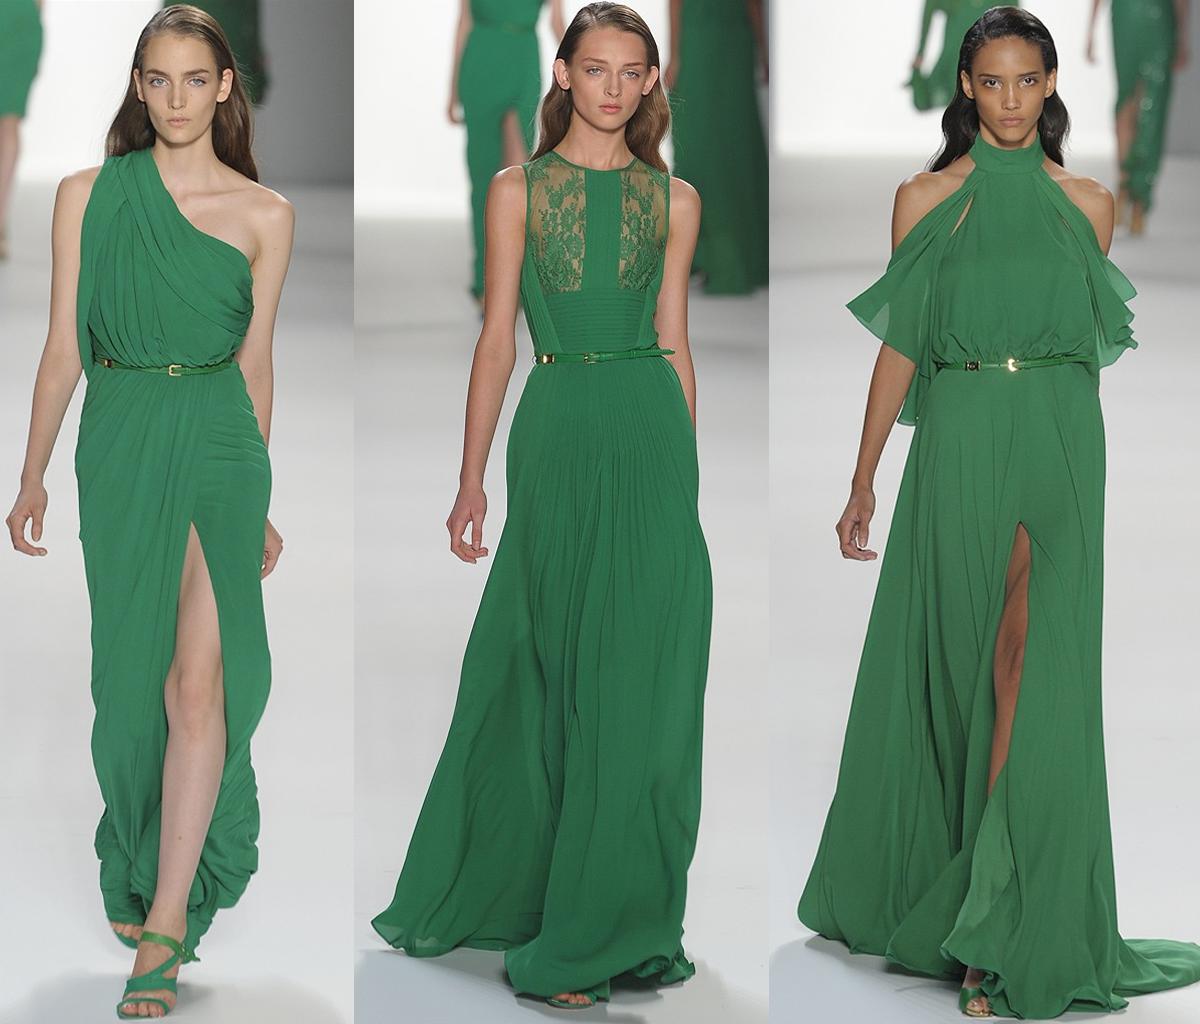 elie-saab-green-bridesmaids-dresses-emerald-wedding-colors.original